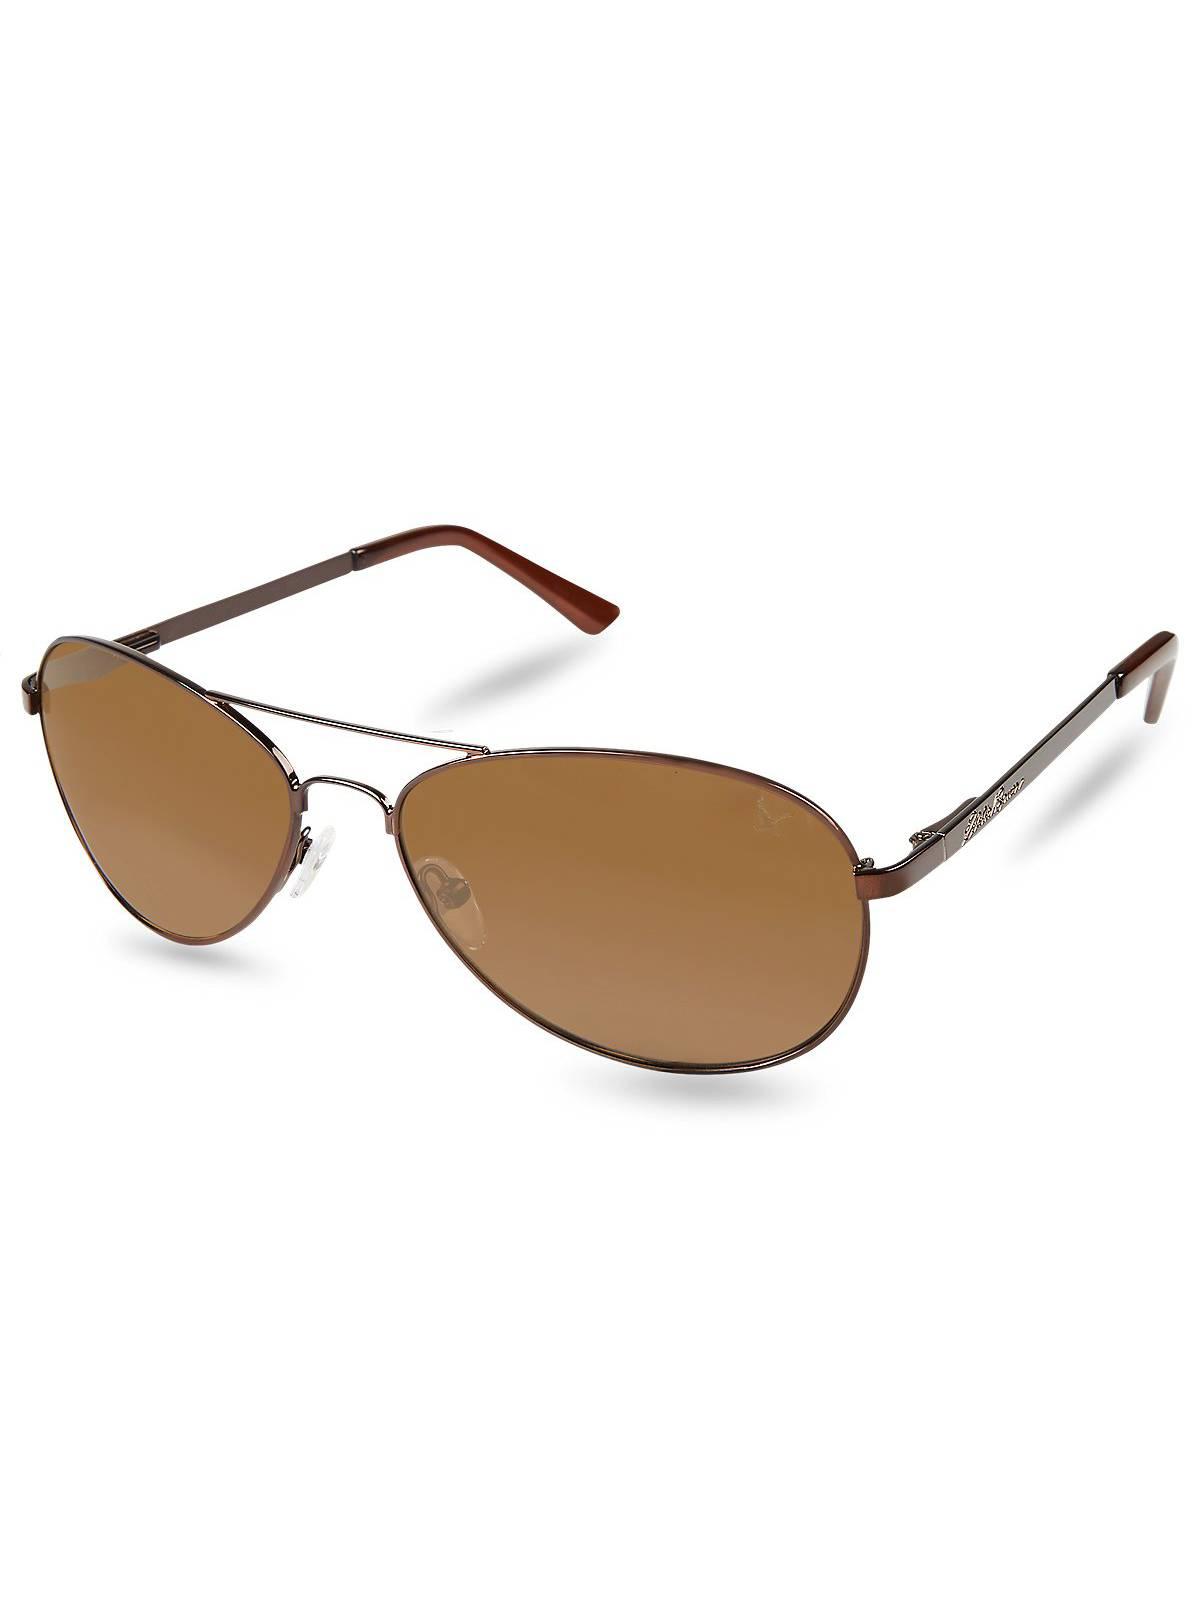 5caa446a15 Eddie Bauer Unisex-Adult Grifton Polarized Sunglasses